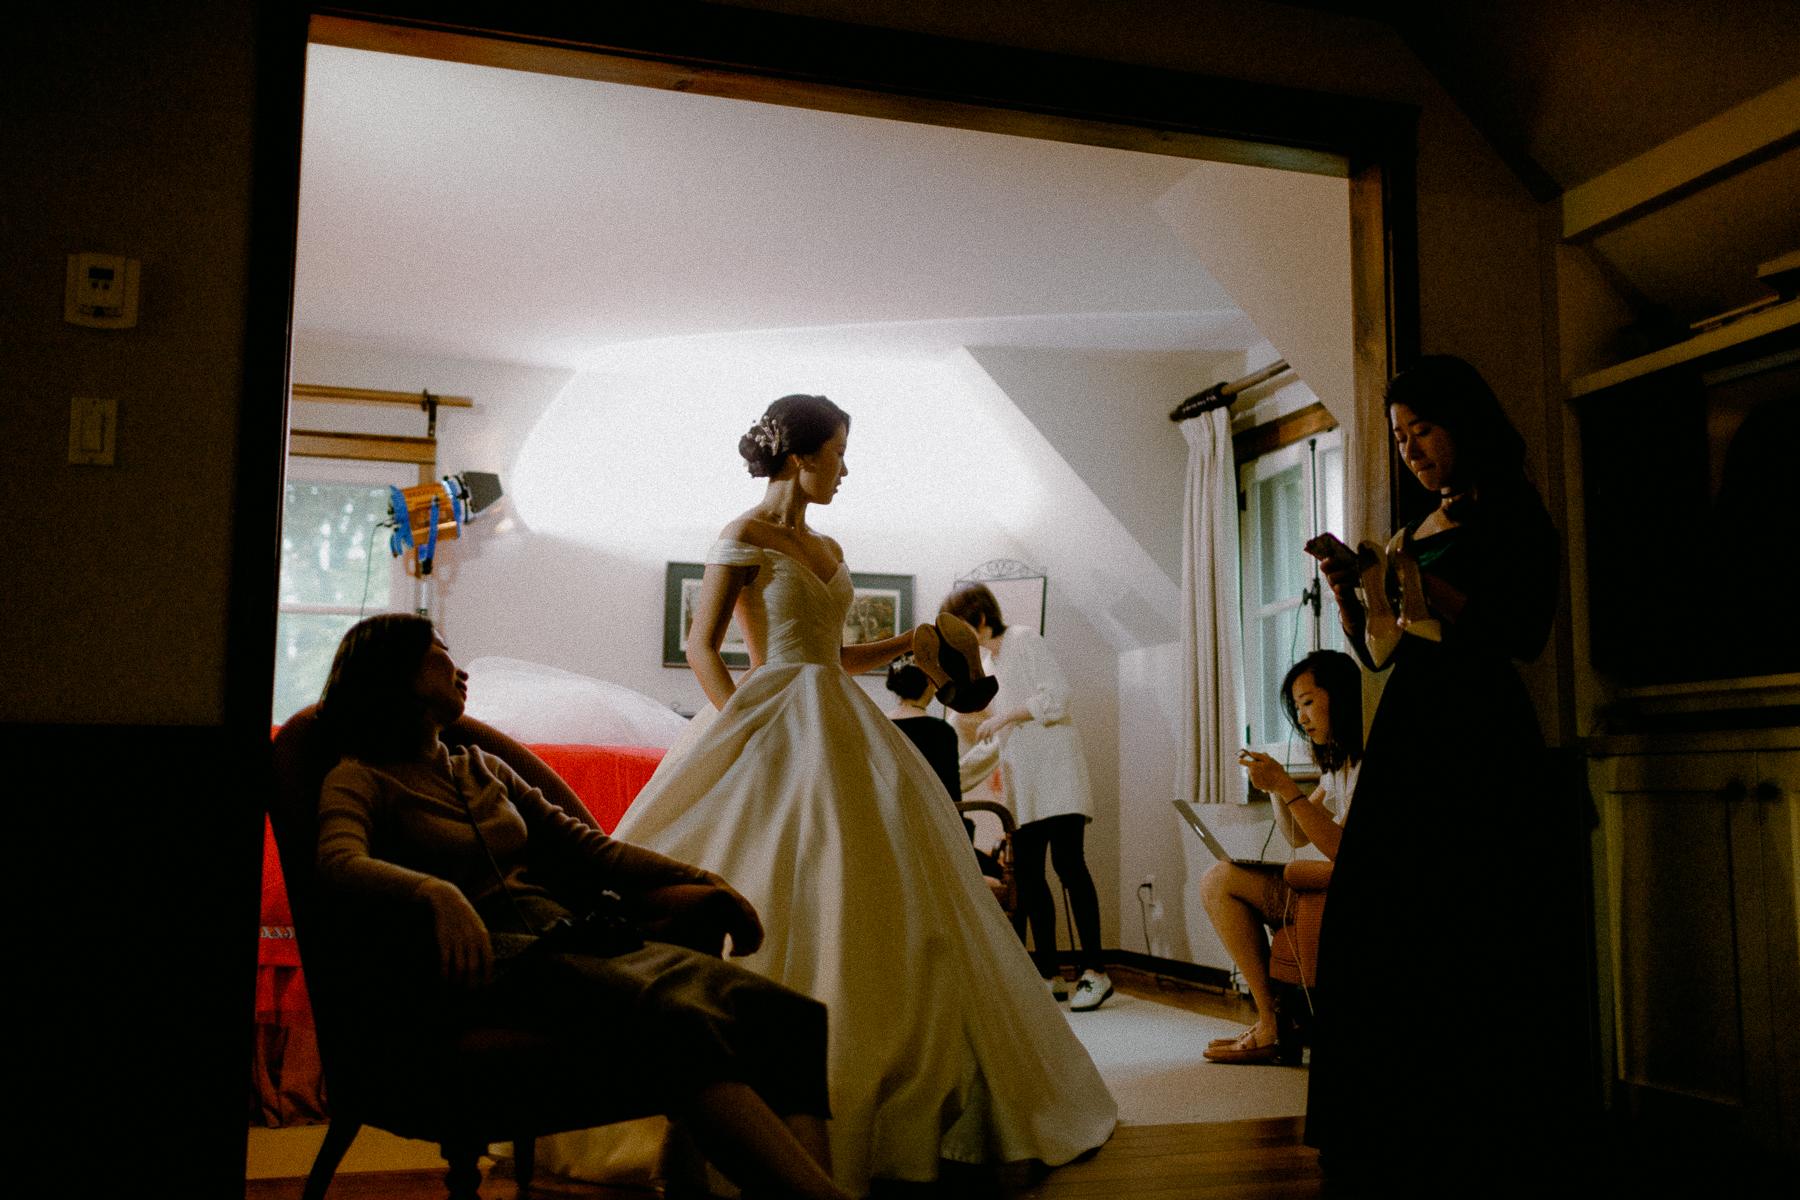 langdon-hall-wedding-markham-chinese-wedding-photographer 0019.jpg